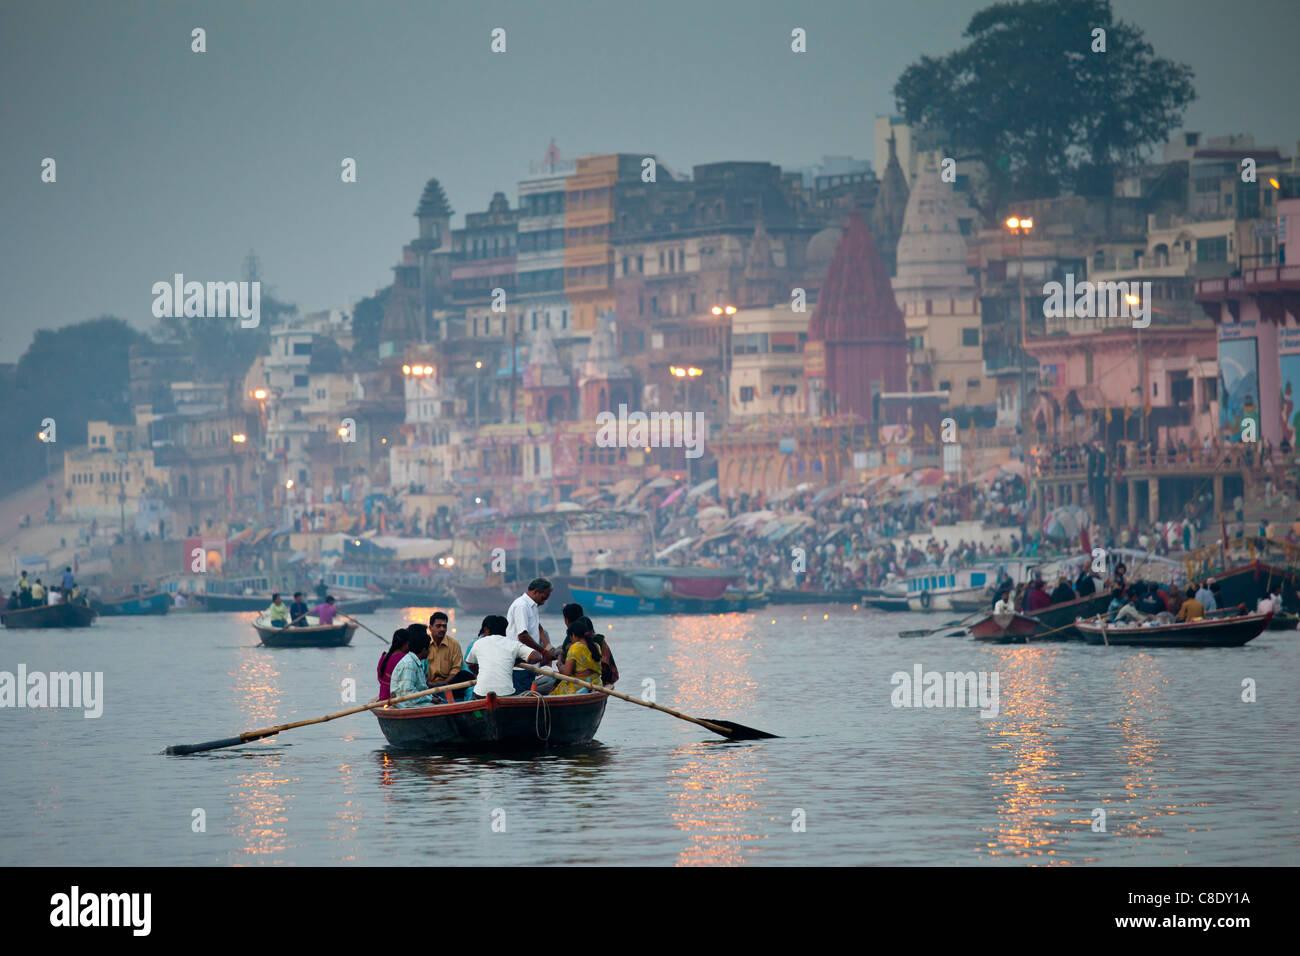 Escenas tradicionales de turistas en el río Ganges en Varanasi, Benares, el norte de la India. Imagen De Stock